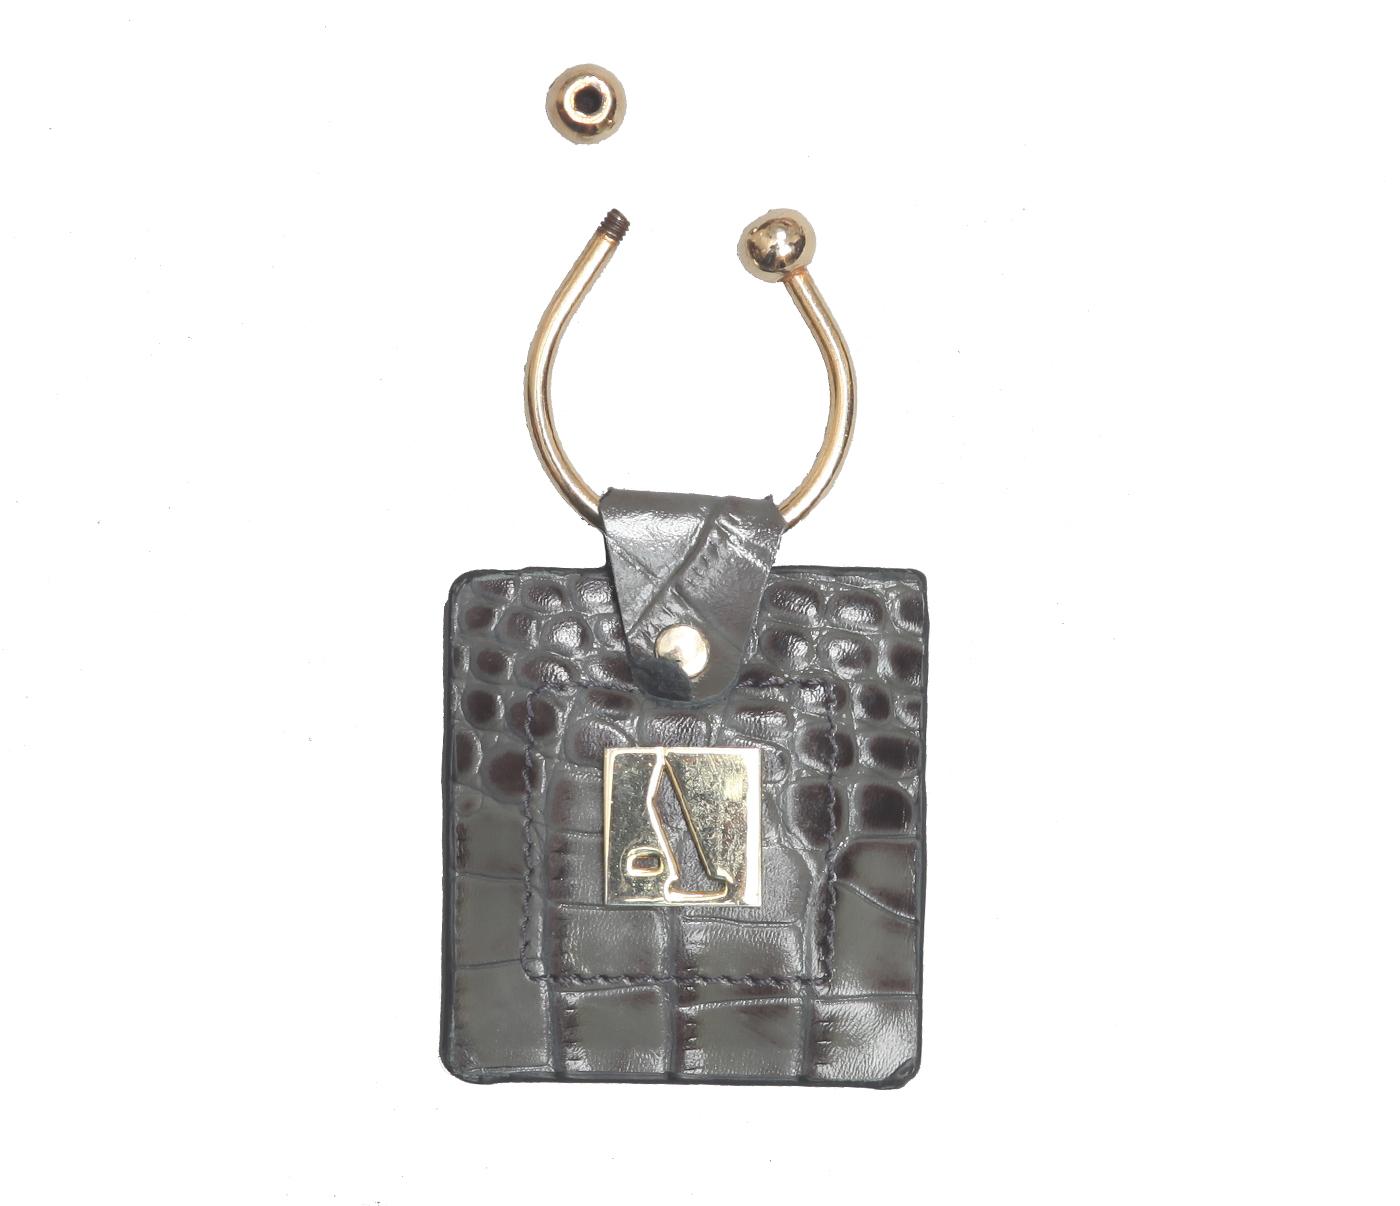 W269--Key holder with knob screw key fitting in Genuine Leather - Grey